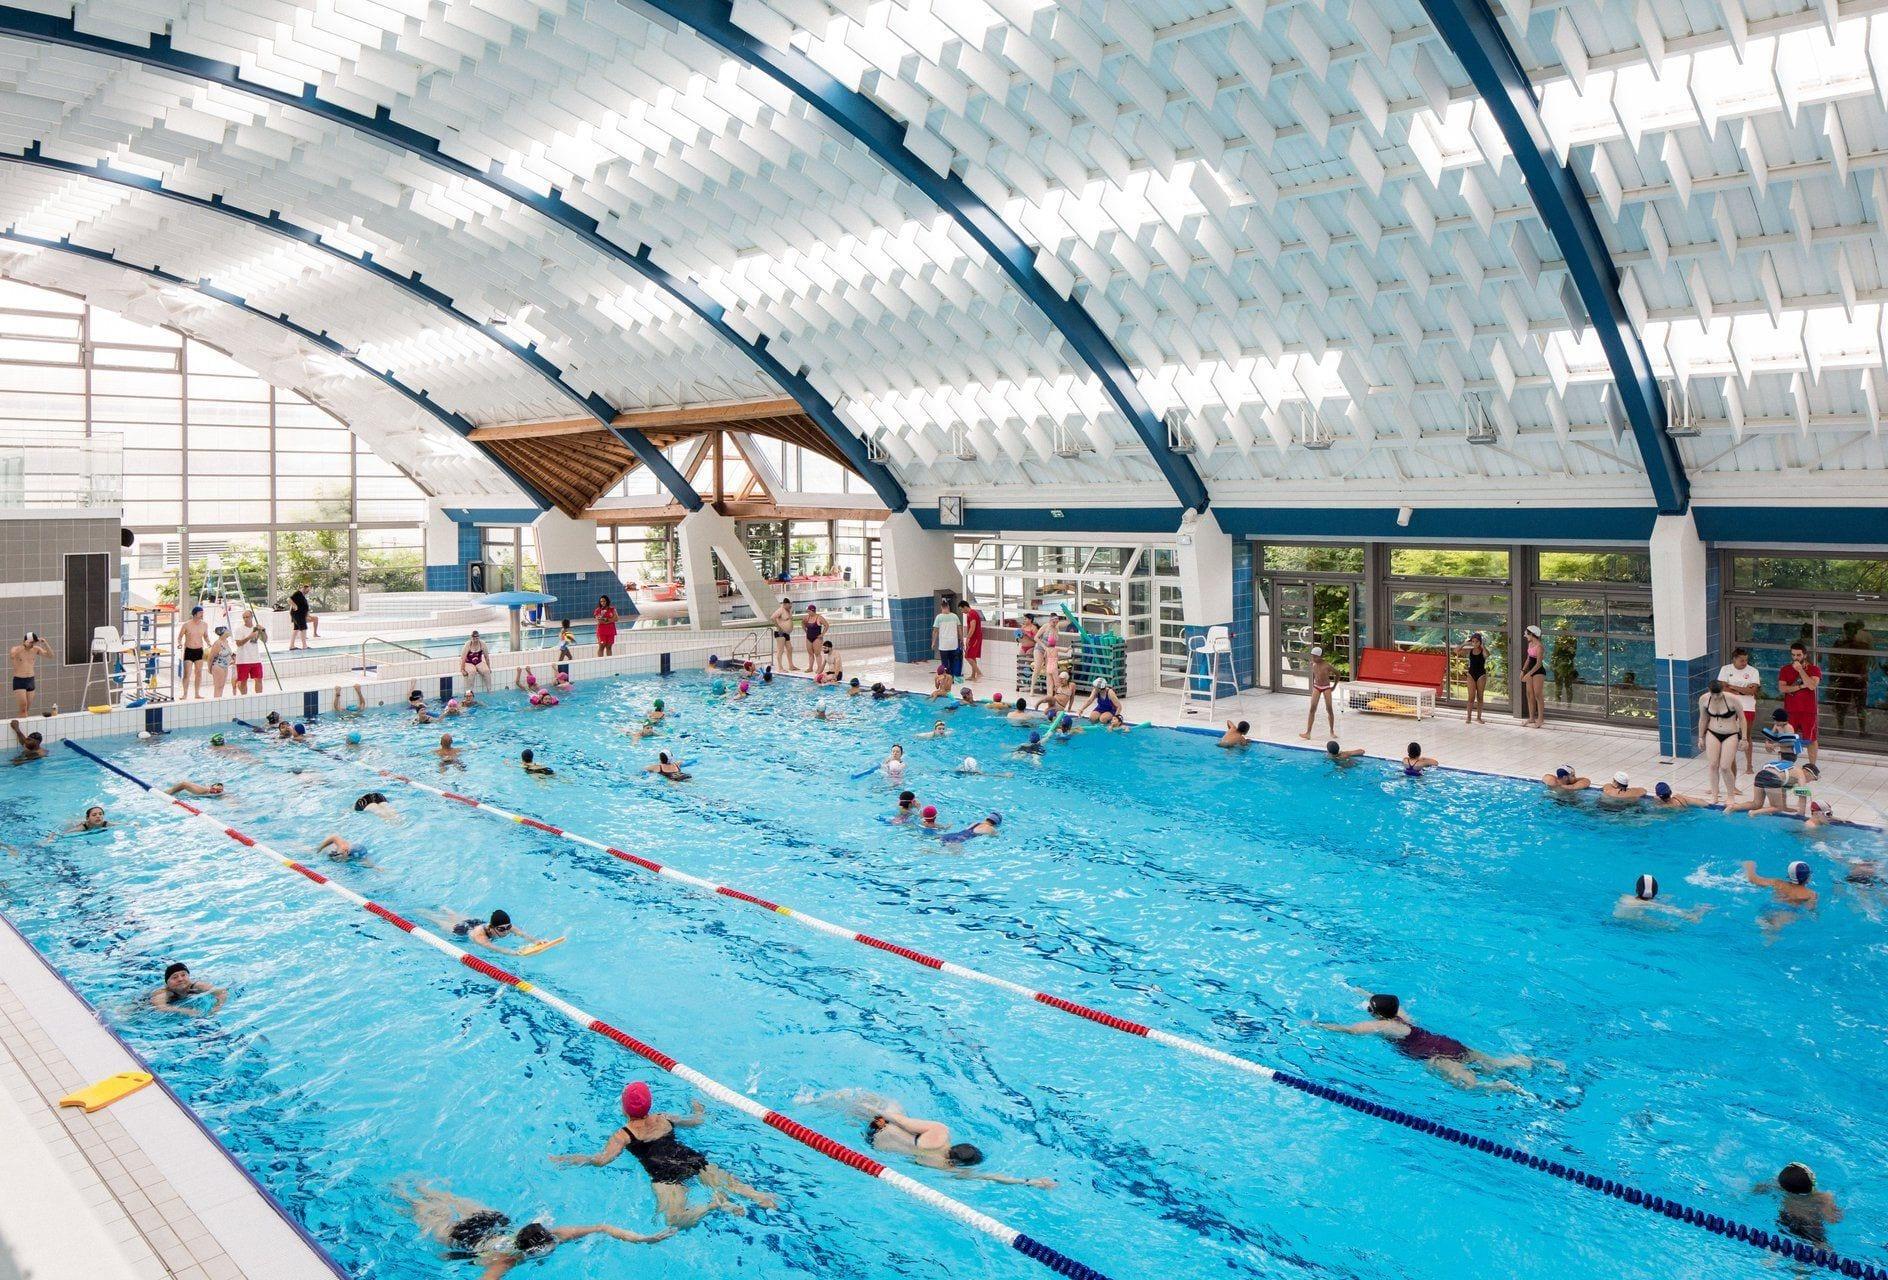 Le Centre Aquatique - Maisons-Alfort tout Horaire Piscine Palaiseau